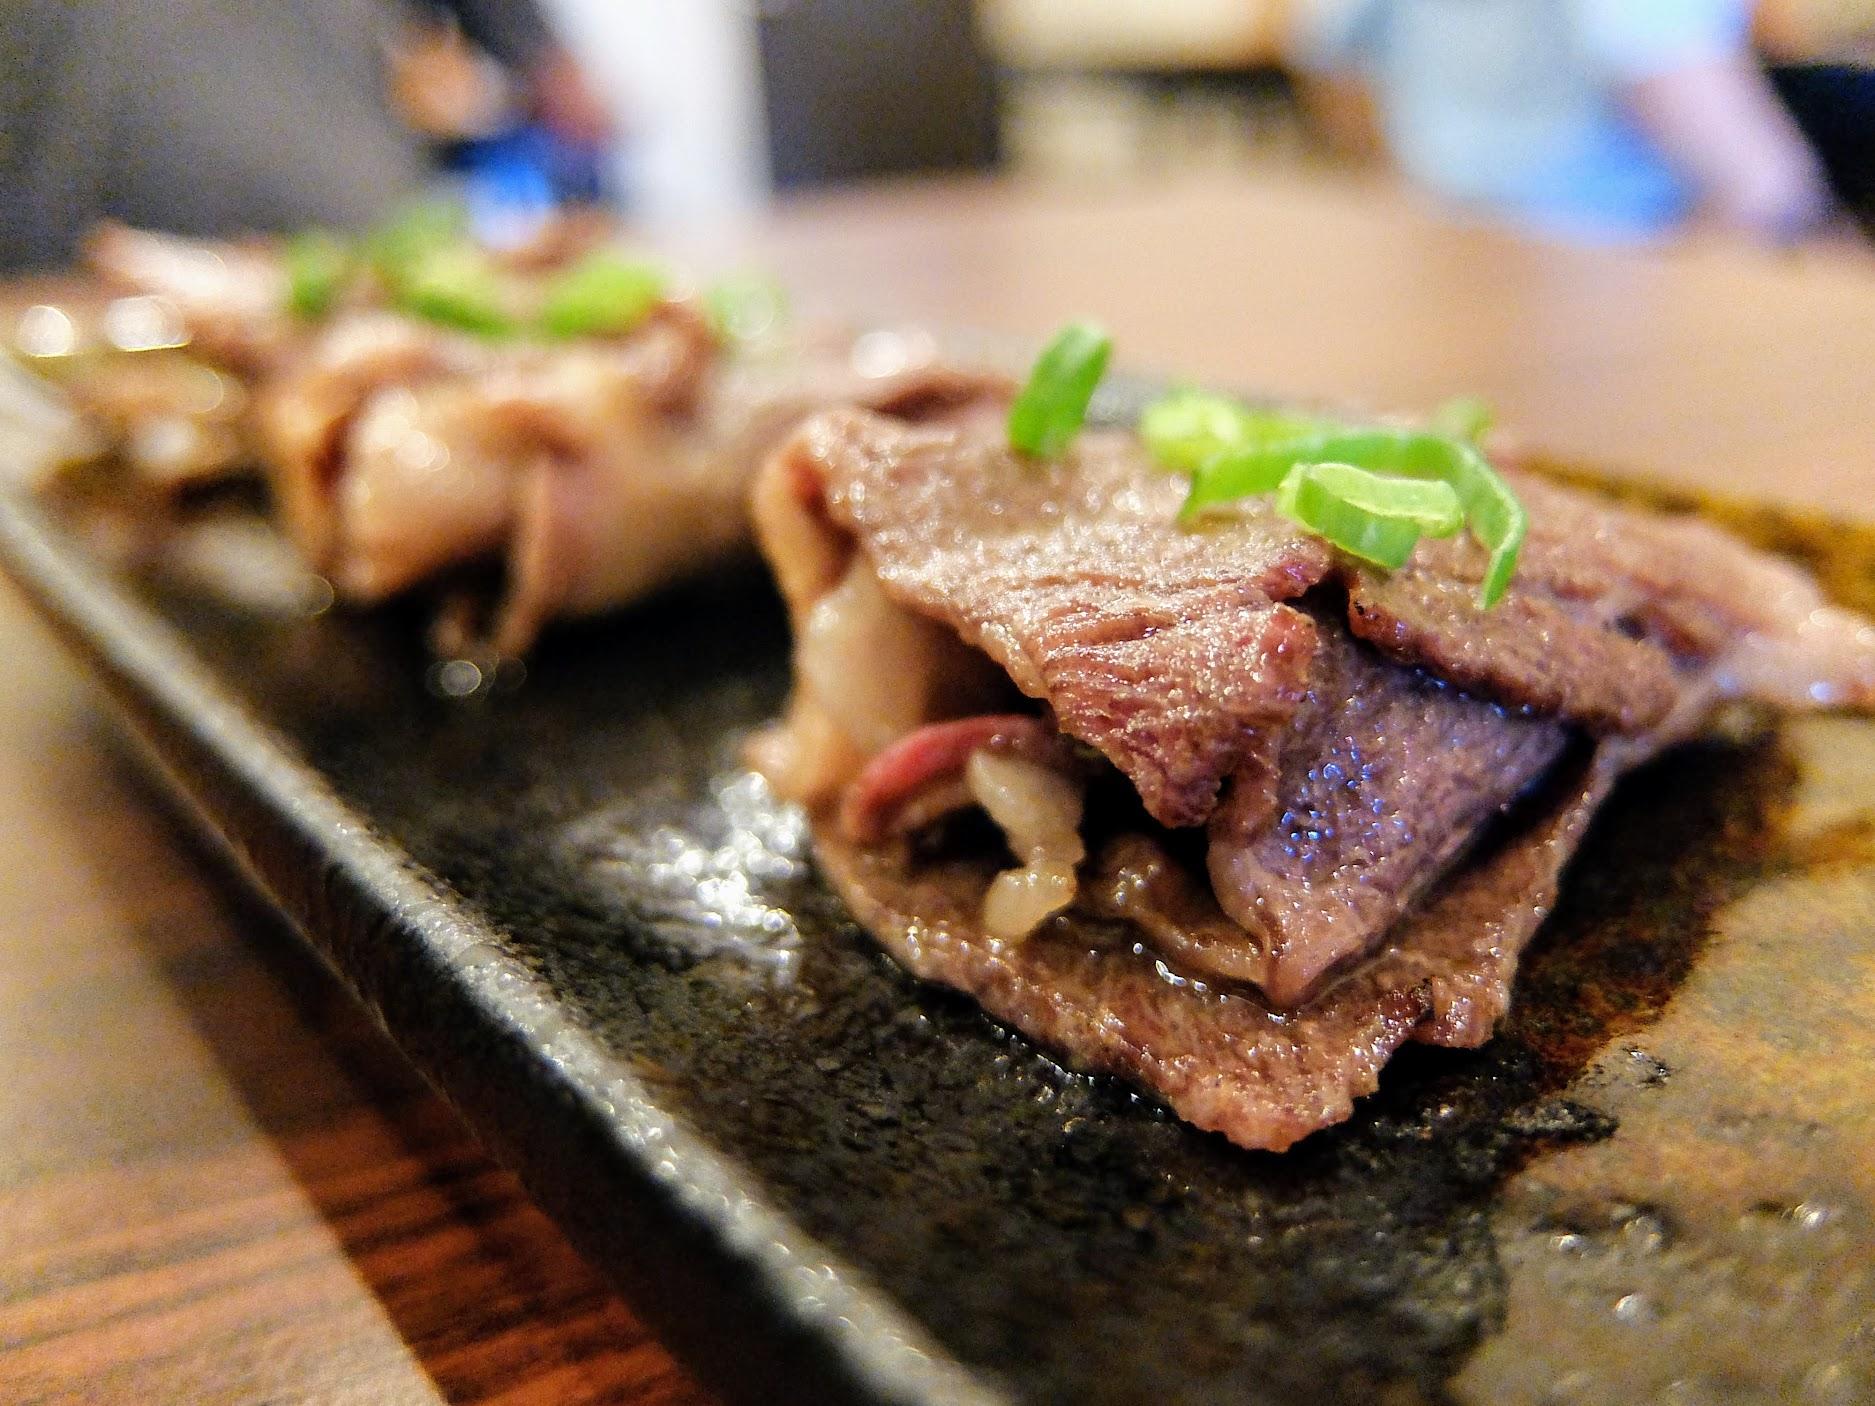 牛肉片燒烤完卷成一卷,是頗香的,但只有三片感覺意猶未盡